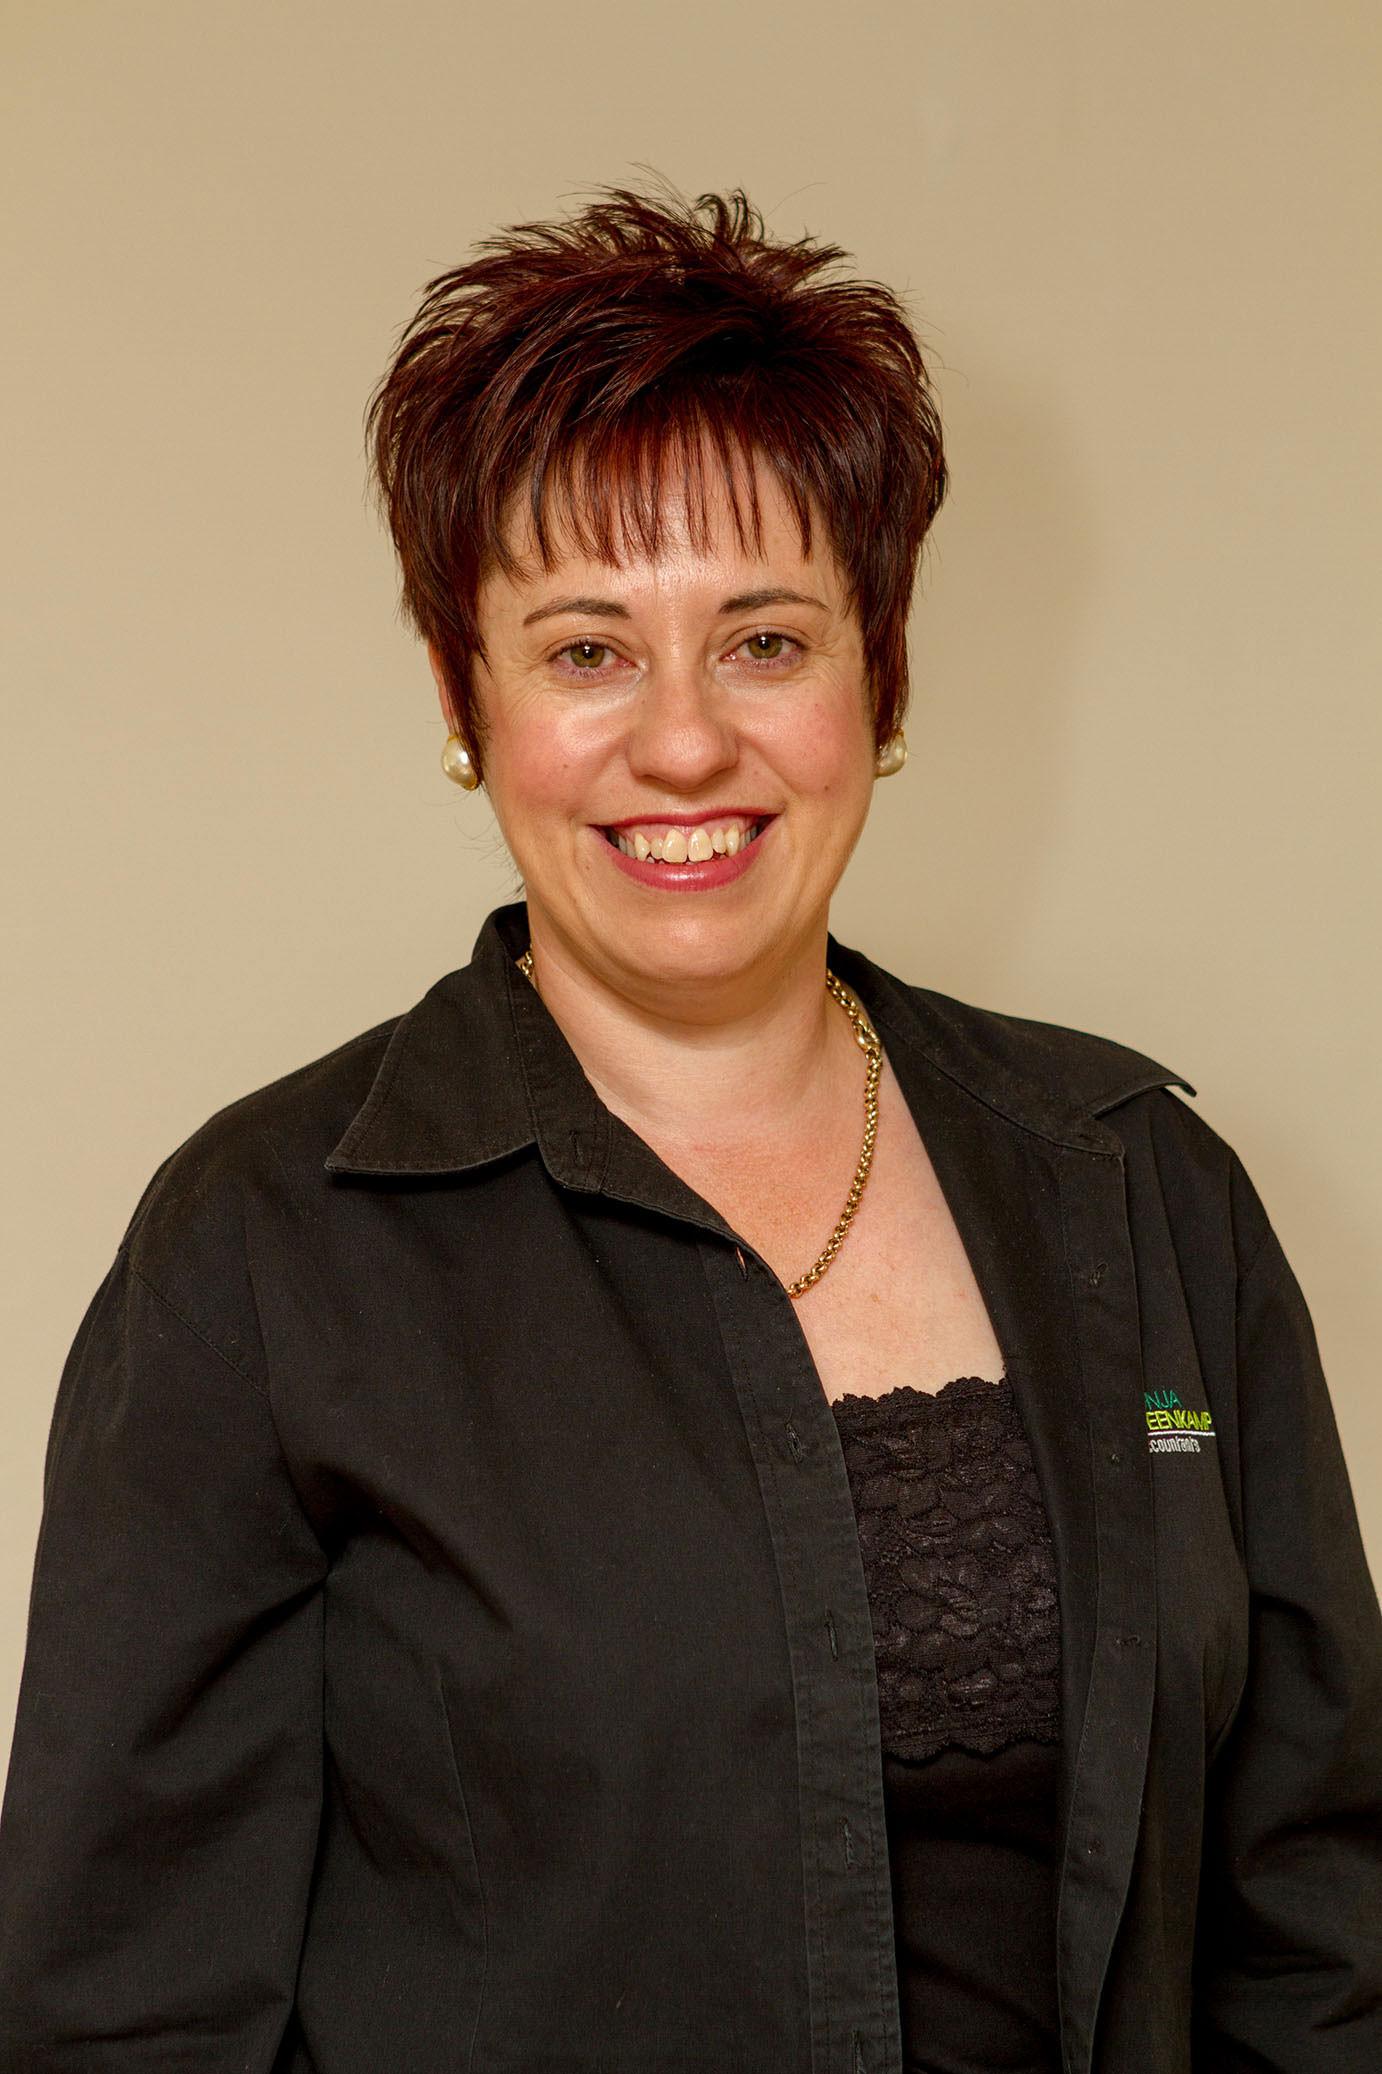 corporate headshots - Corporate Headshots Sonja Steenkamp 16 - Corporate Headshots – Sonja Steenkamp